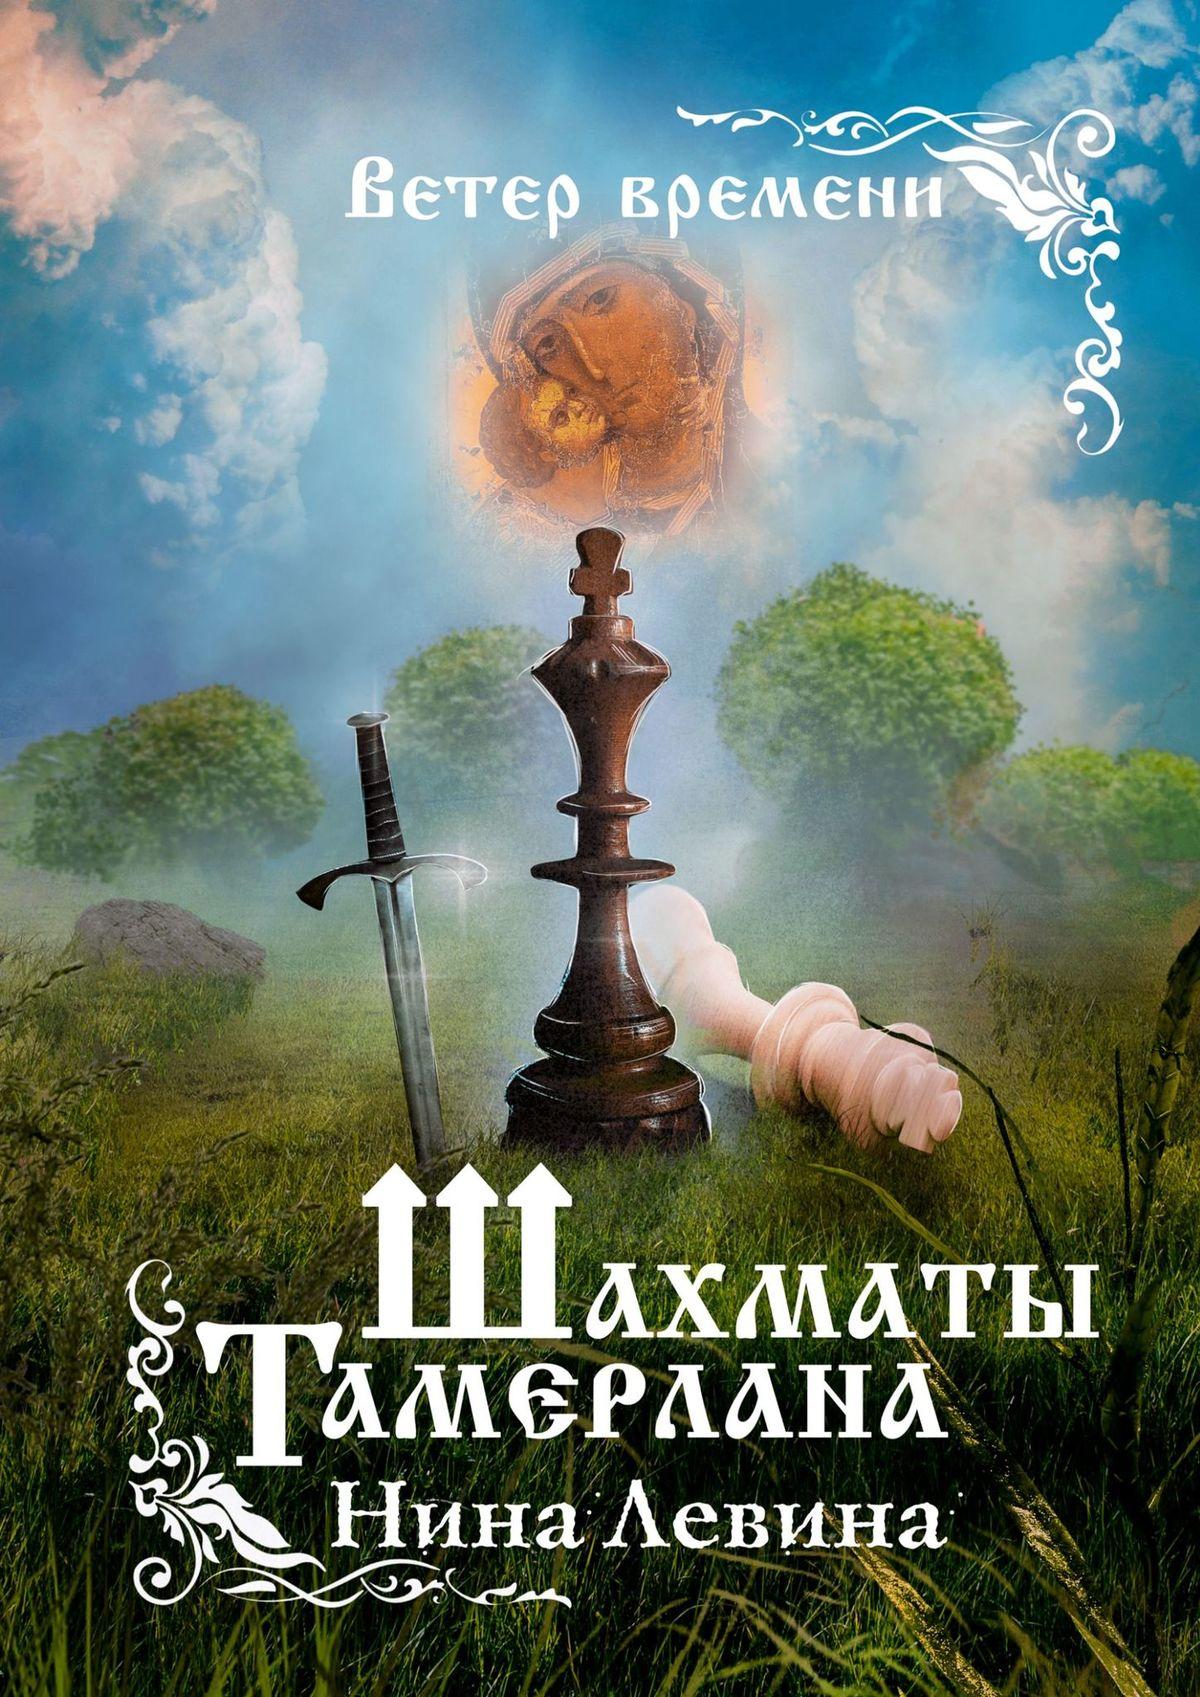 Шахматы Тамерлана. Ветер времени